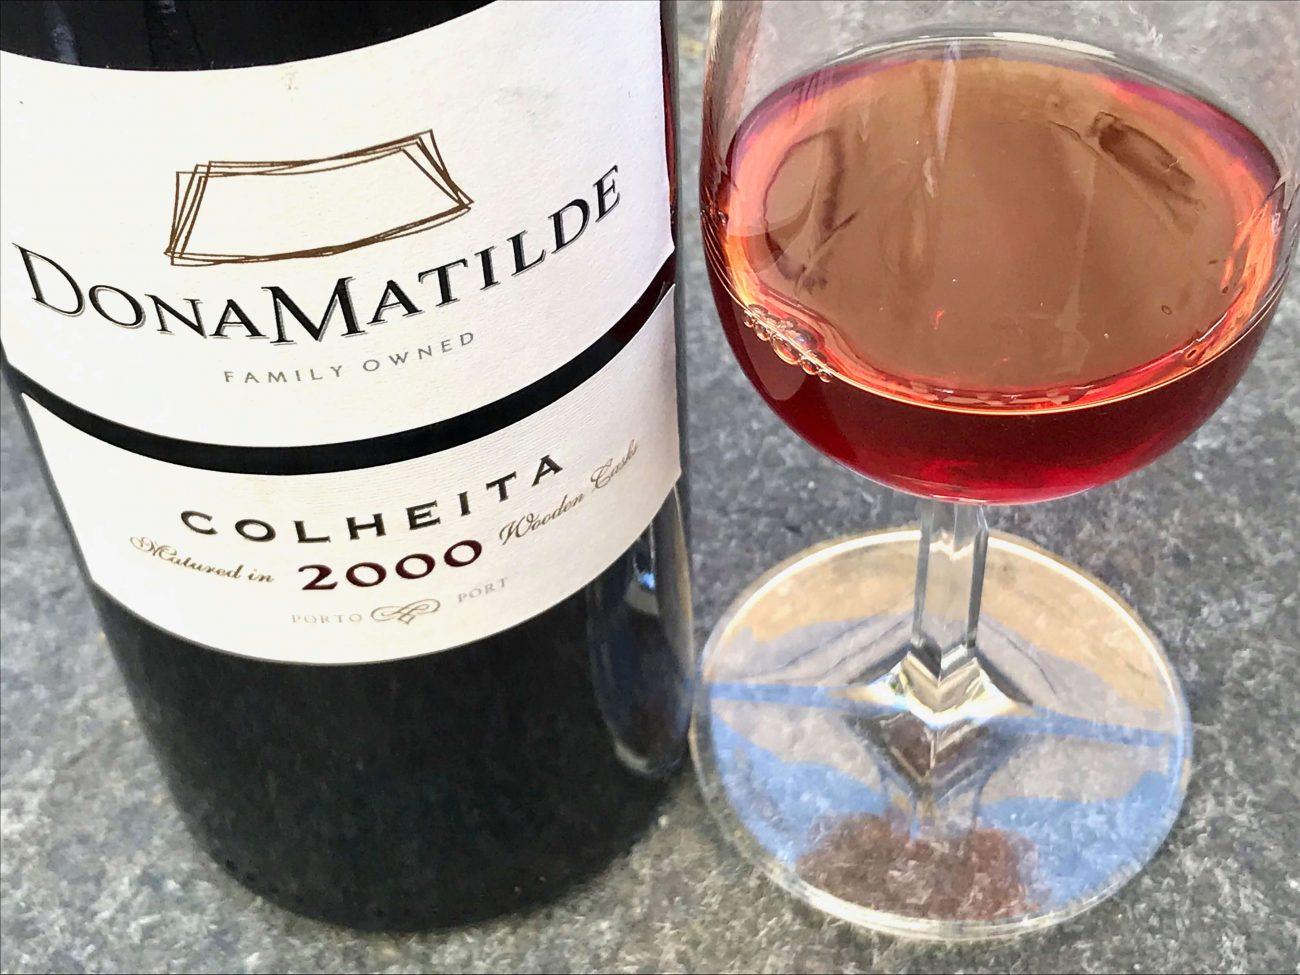 Portugal Fussballweltmeisterschaft Portwein trinken Portweinglas Dona Matilde Colheita 2000